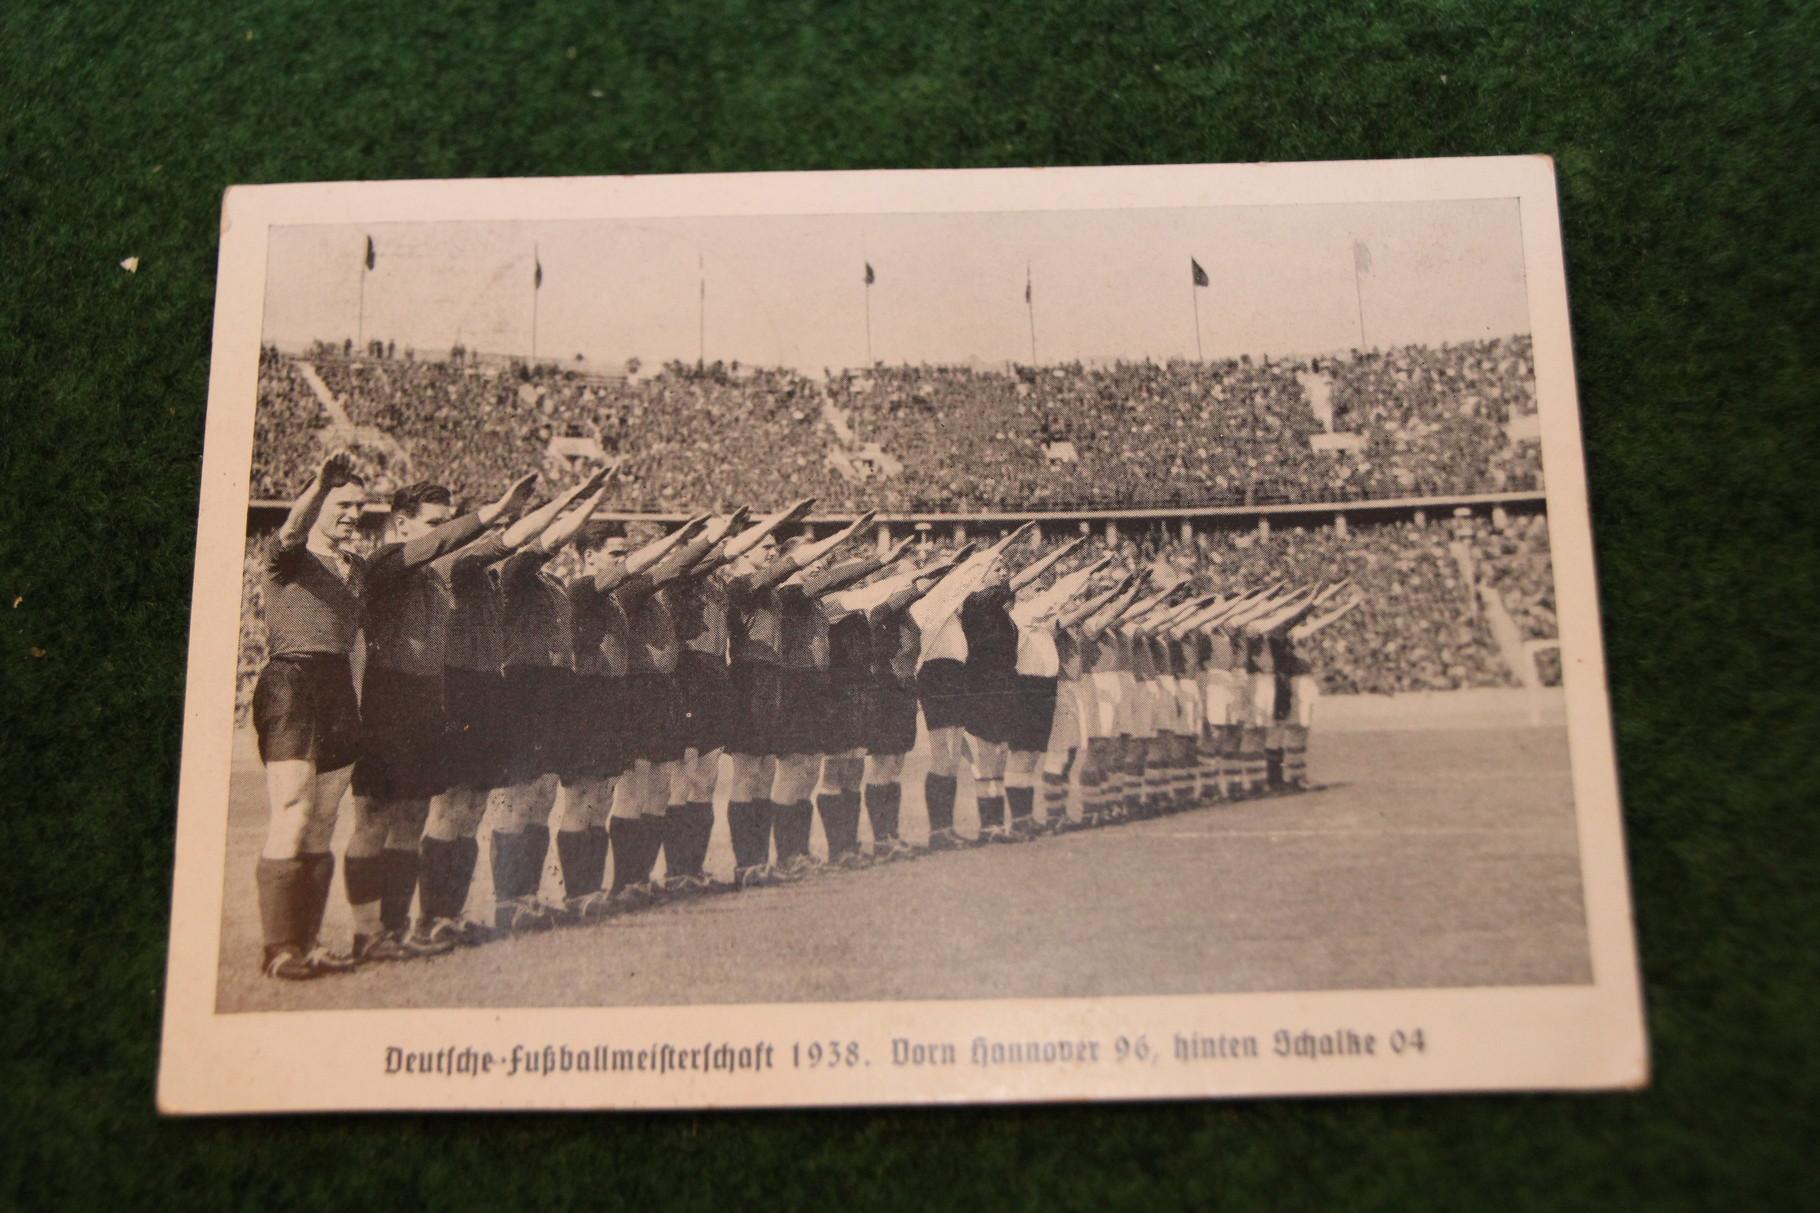 Postkarte zur Deutschen Meisterschaft 1938 von Hannover 96.